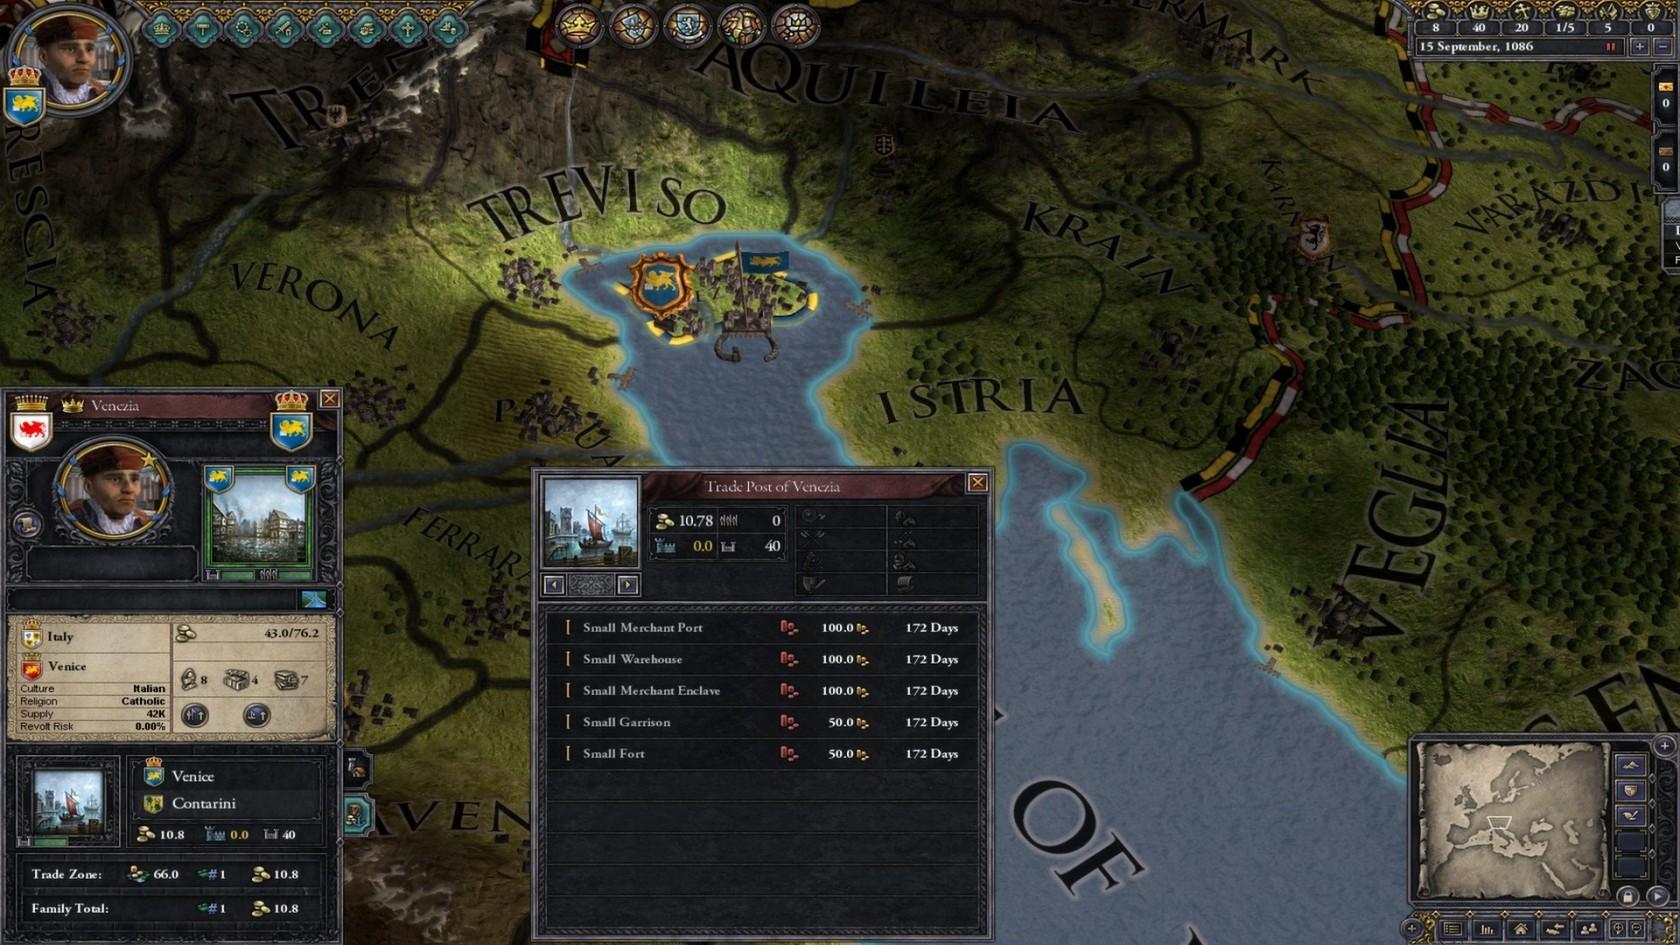 Crusader kings 2 mac os catalina